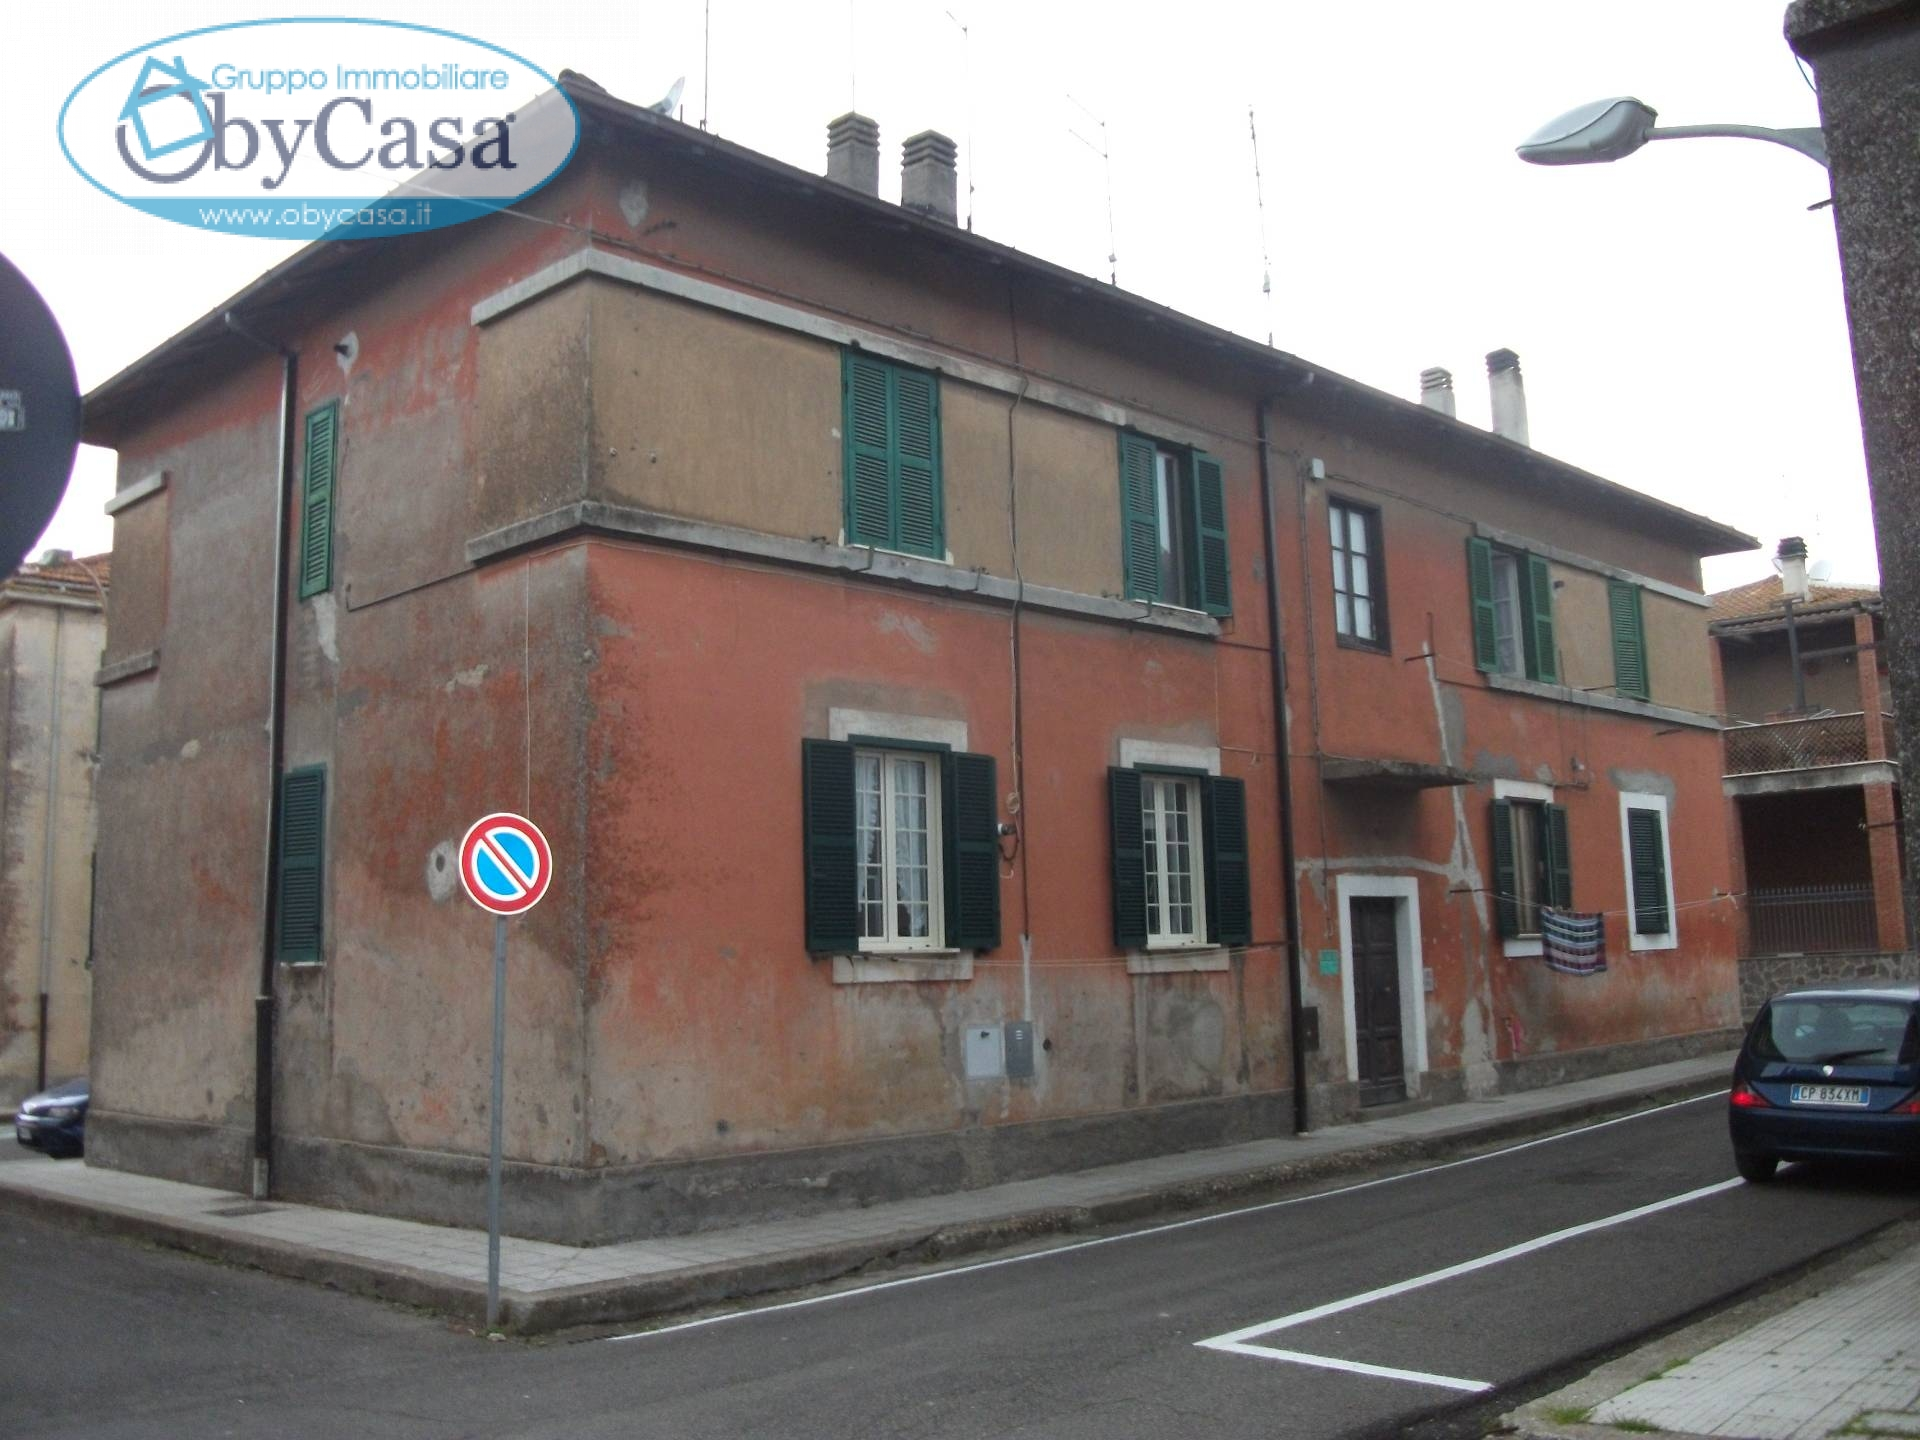 Appartamento in vendita a Vejano, 3 locali, zona Località: vejano, prezzo € 42.000 | Cambio Casa.it